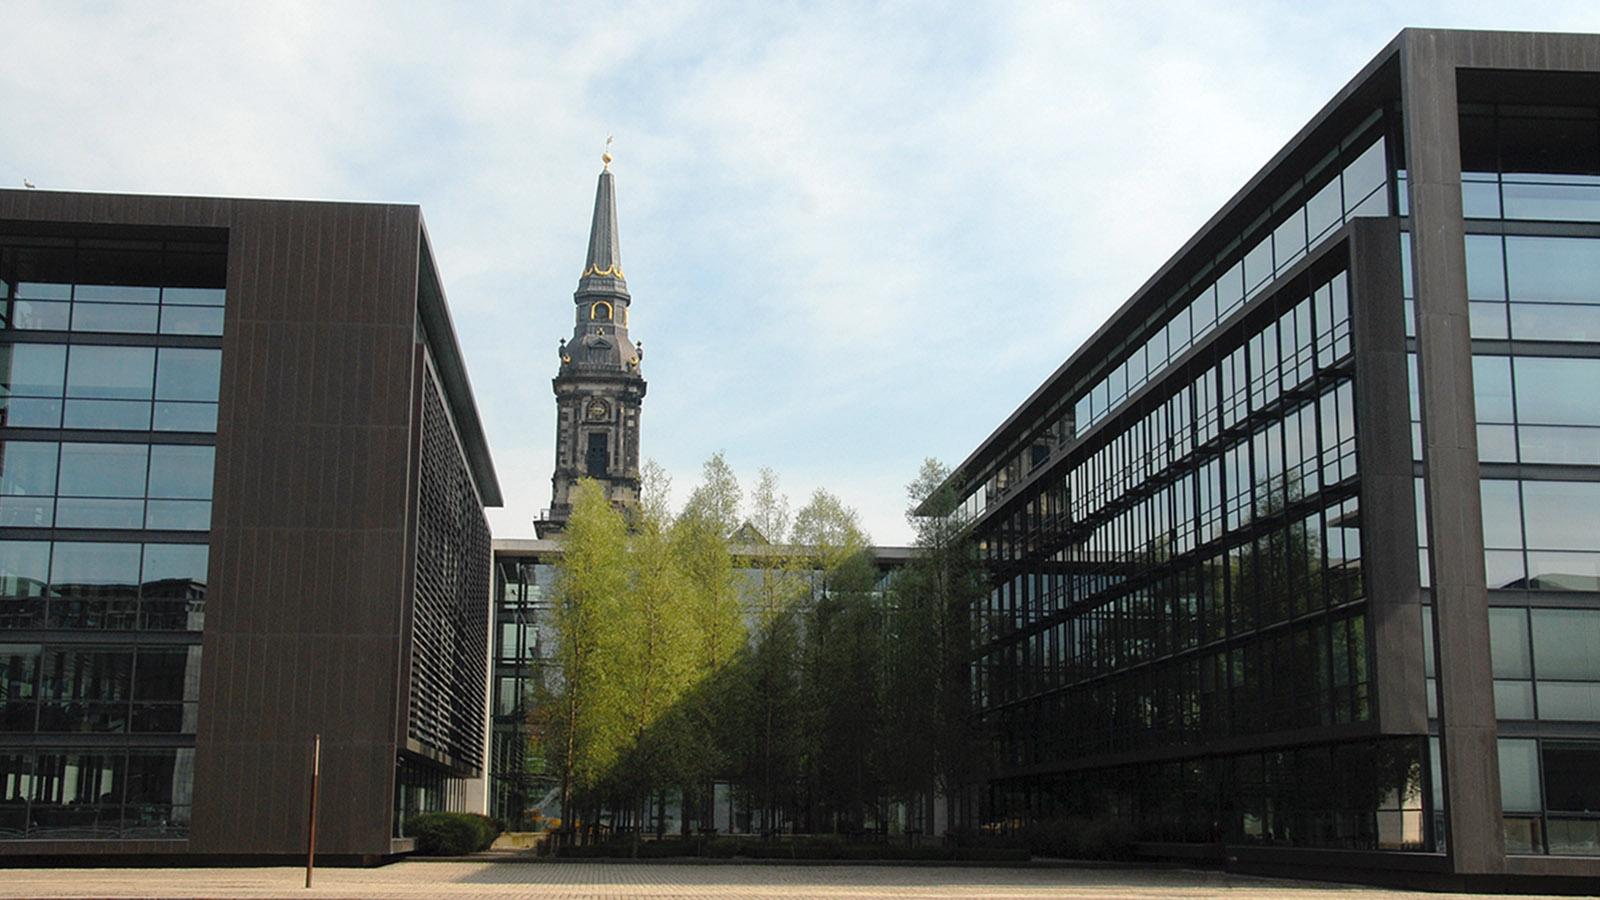 Mit dem Hafenbus unterwegs in Kopenhagen. Christianshavn: die Hauptverwaltung von Nordea. Foto: Hilke Maunder